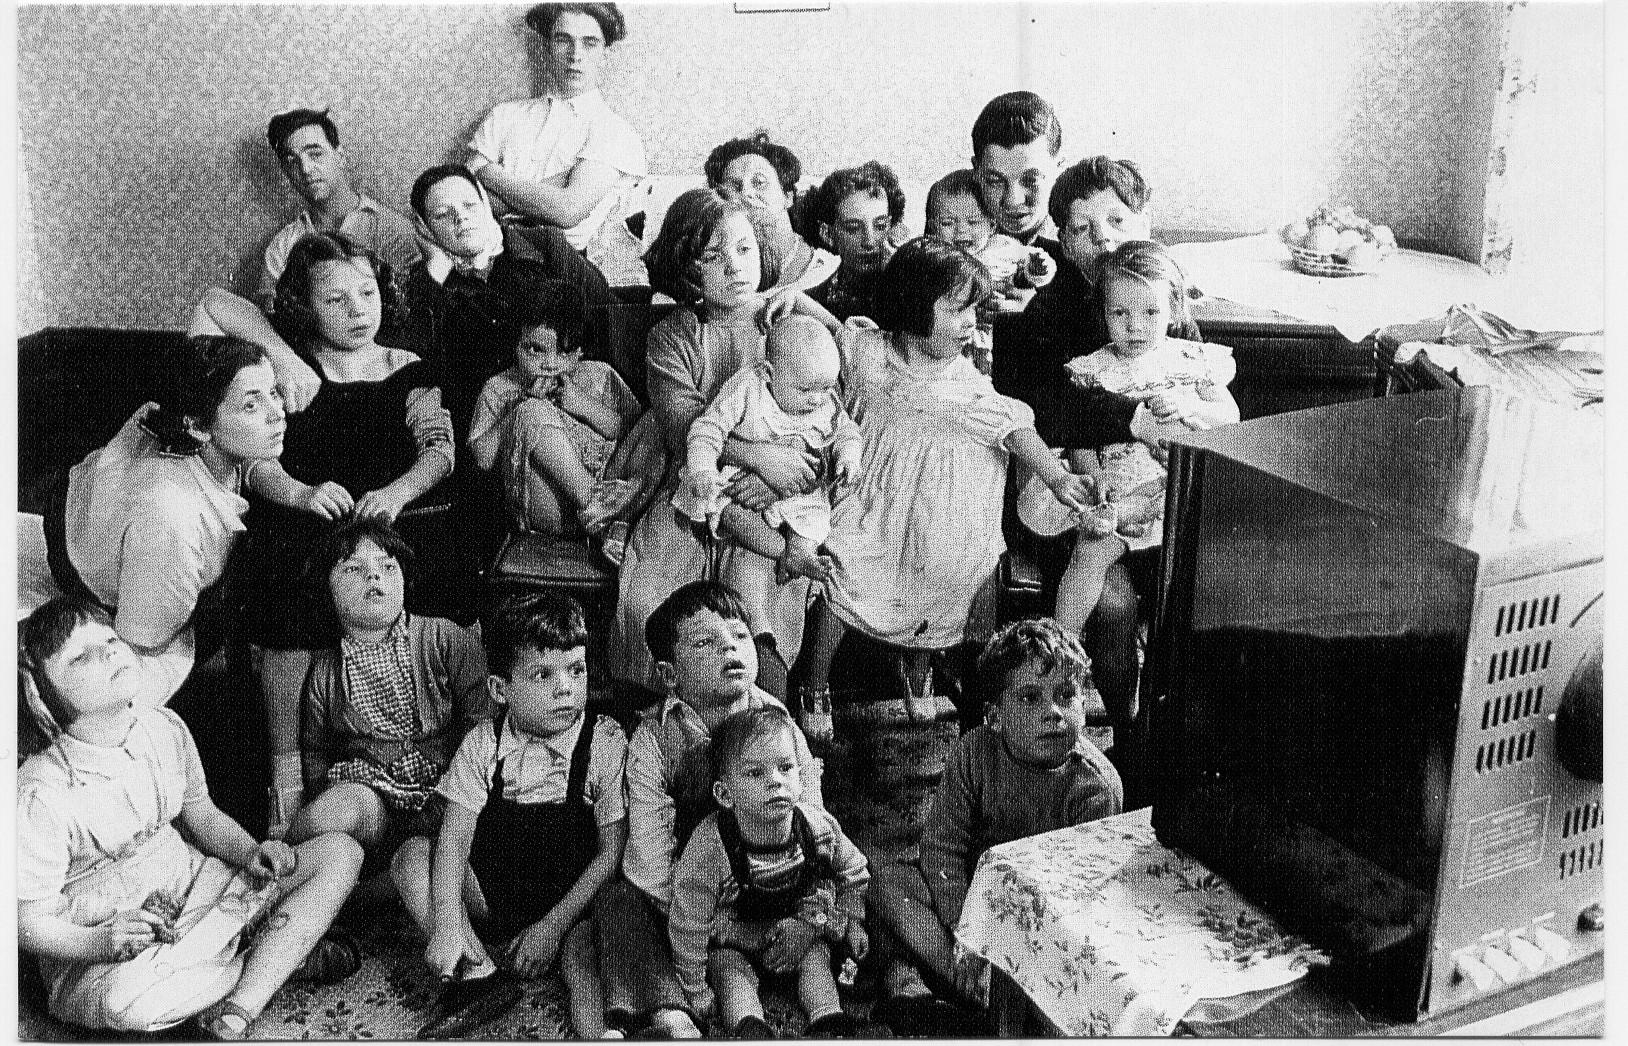 1950's Family Life